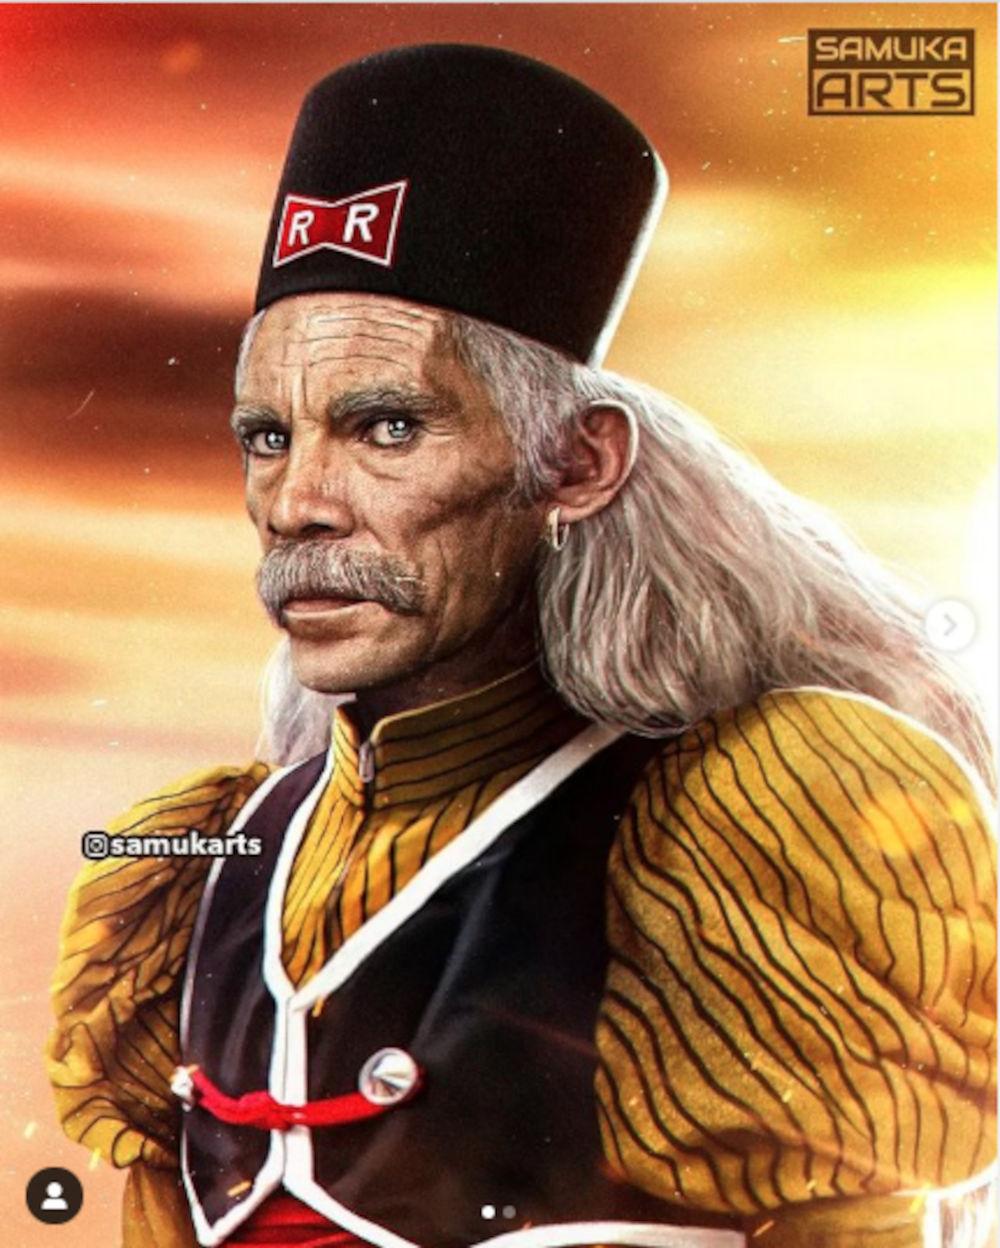 Imaginan a Don Ramón de El Chavo del 8 como el Dr. Maki Gero de Dragon Ball Z